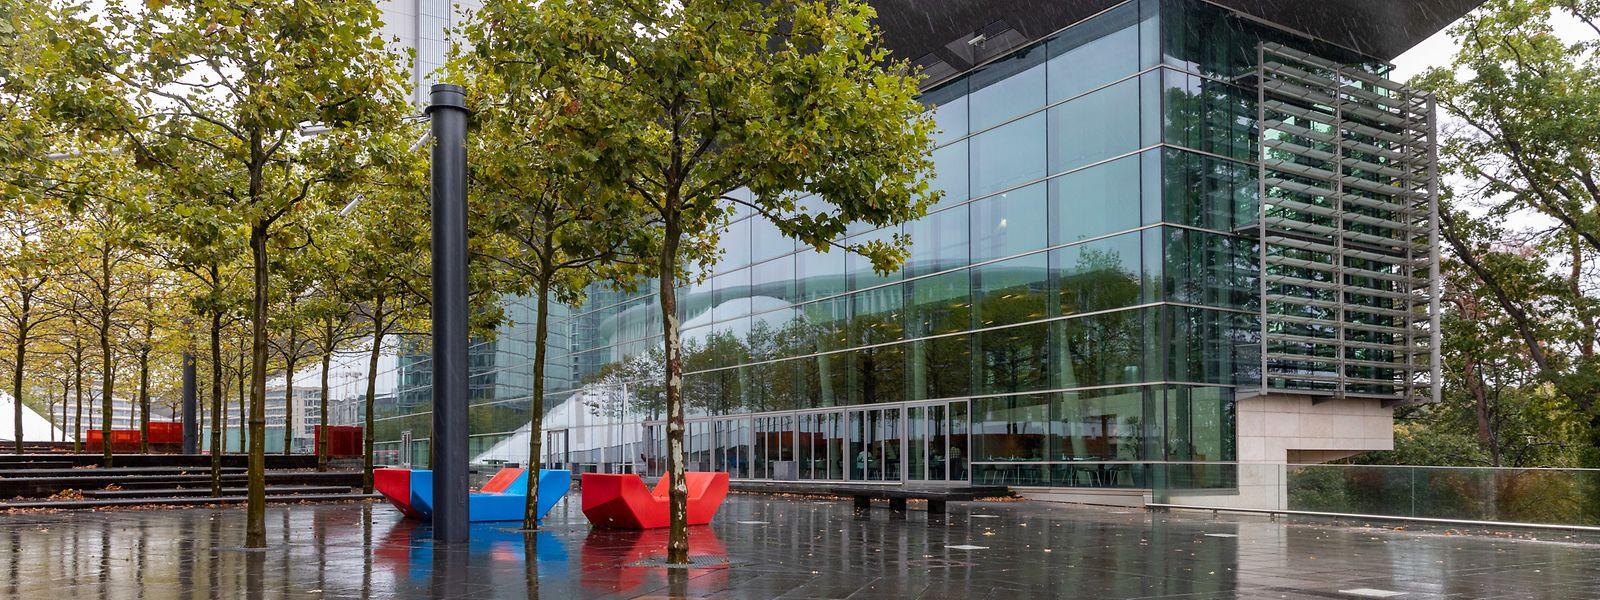 La mission du Luxembourg Convention Bureau est de promouvoir les structures événementielles du Luxembourg à l'international, comme le European Convention Center.